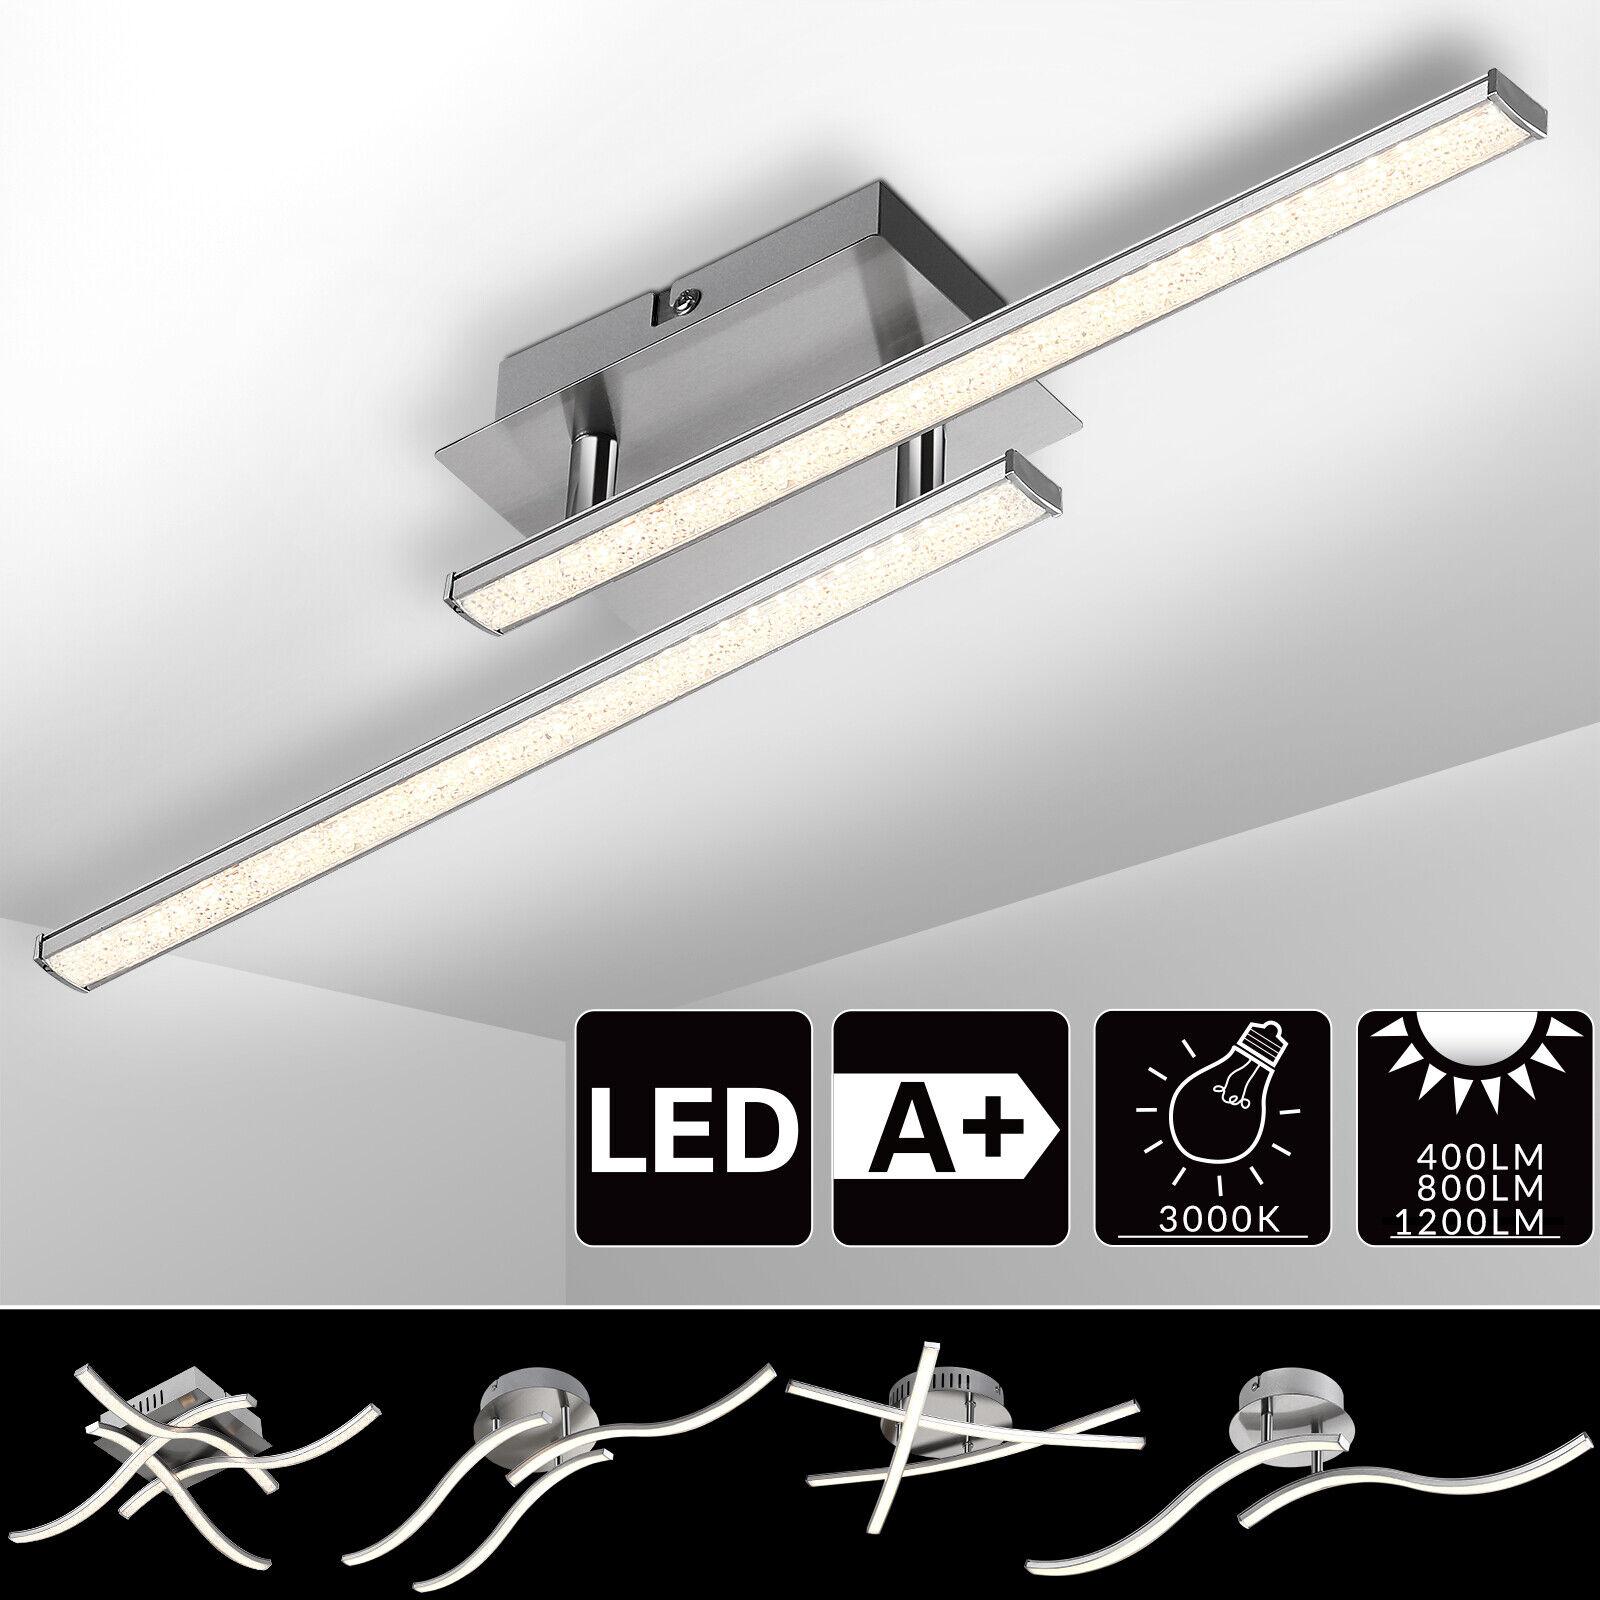 Monzana® Deckenleuchte LED Deckenlampe Moderne Wohnzimmerlampe Beleuchtung Lampe